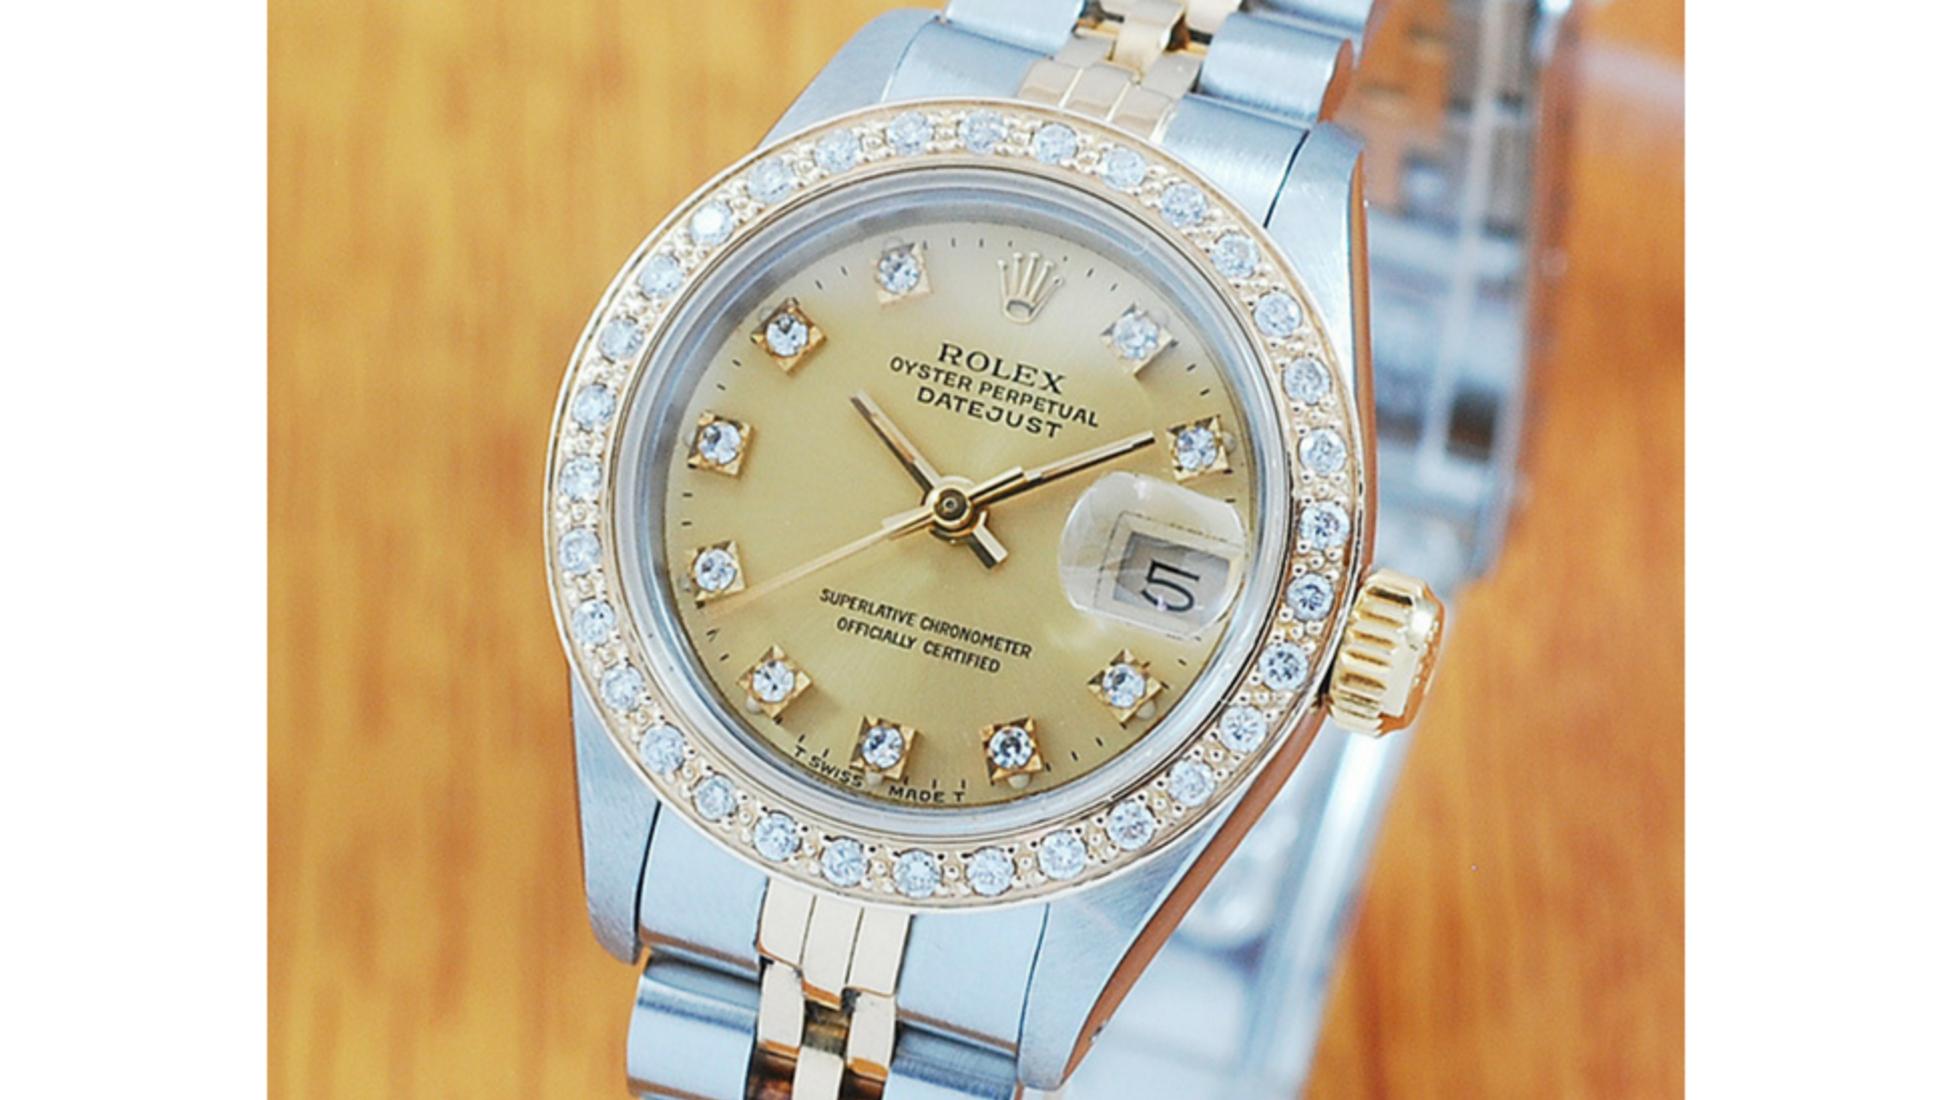 d260be22b66b Reloj Rolex Datejust automático para mujer en oro de 18 K y acero  inoxidable y con bisel de diamantes